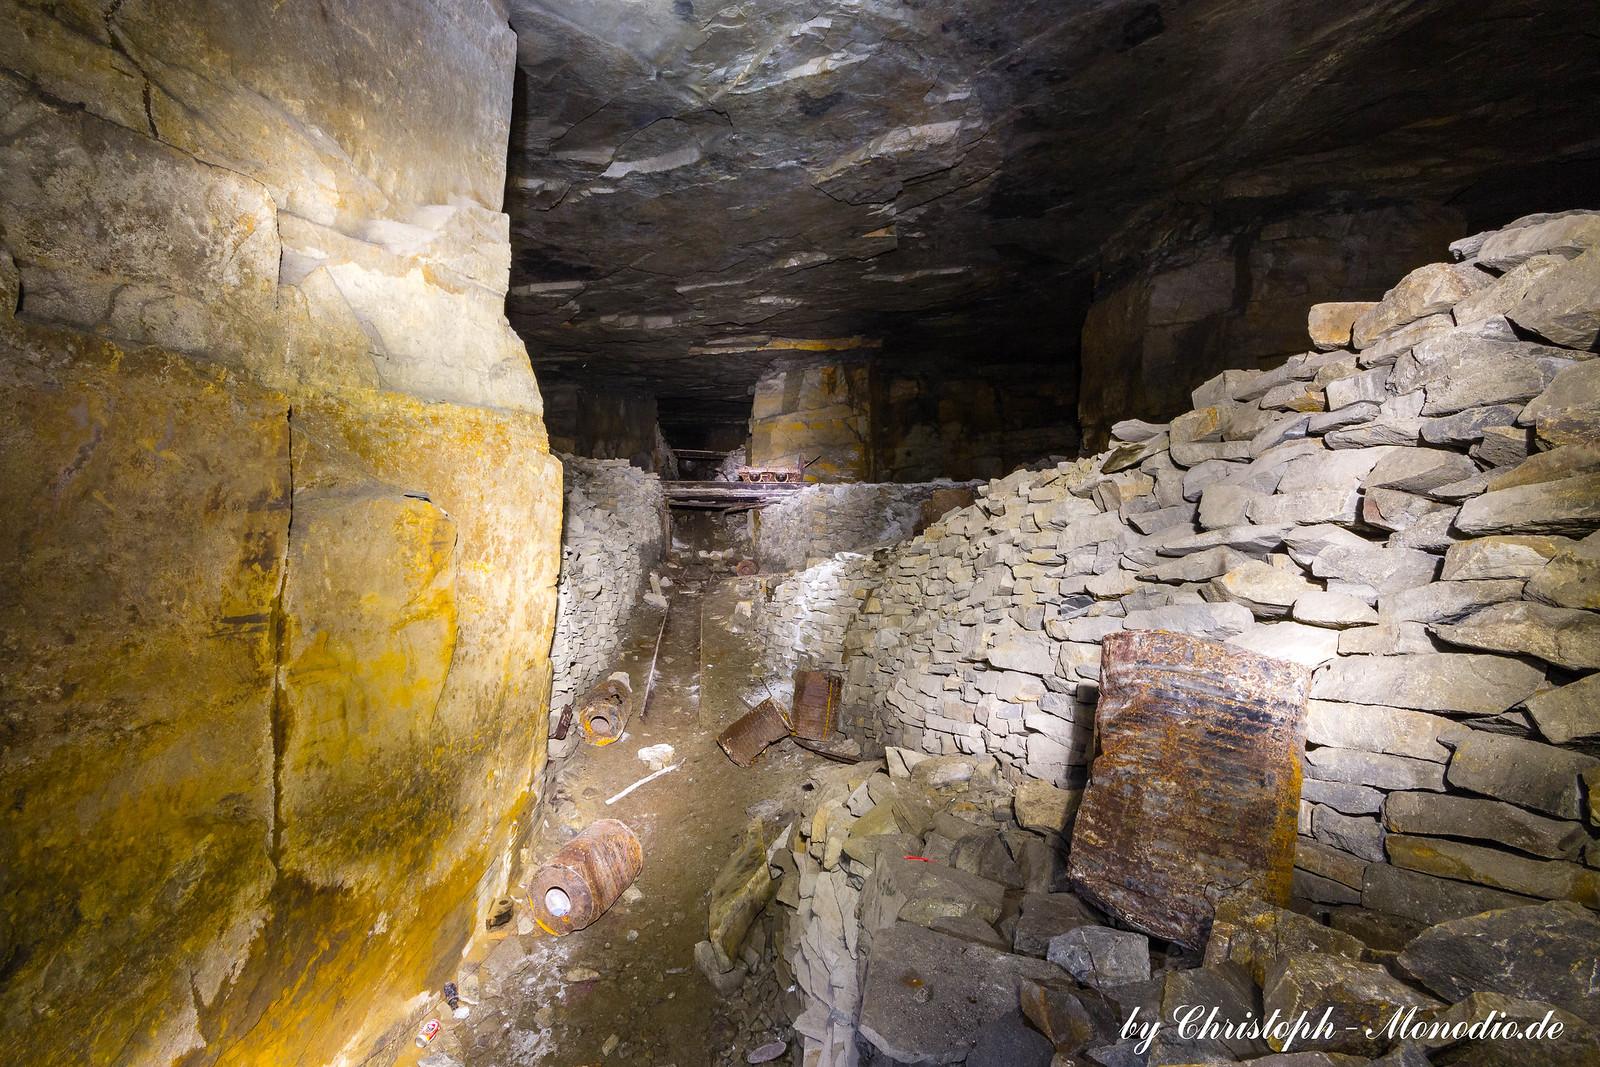 The Indiana Jones Quarry